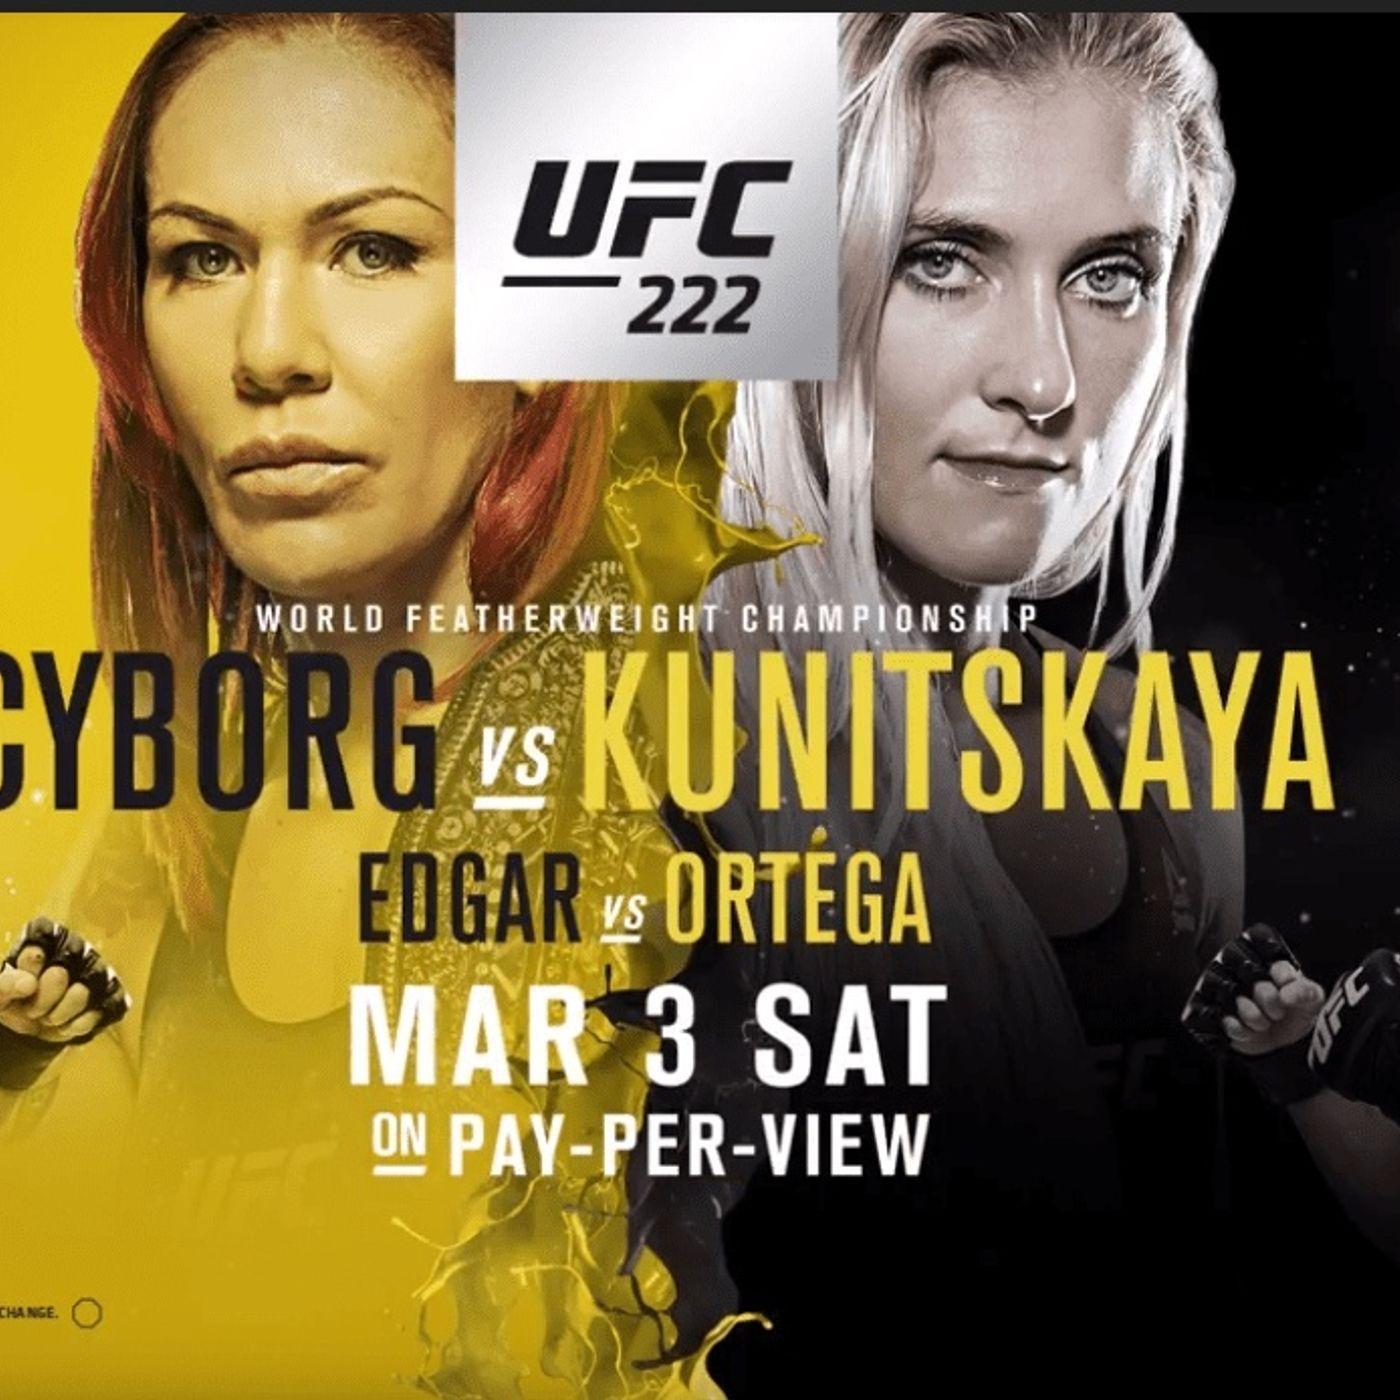 MMA 2 the MAX #32: Cyborg vs. Kunitskaya Review